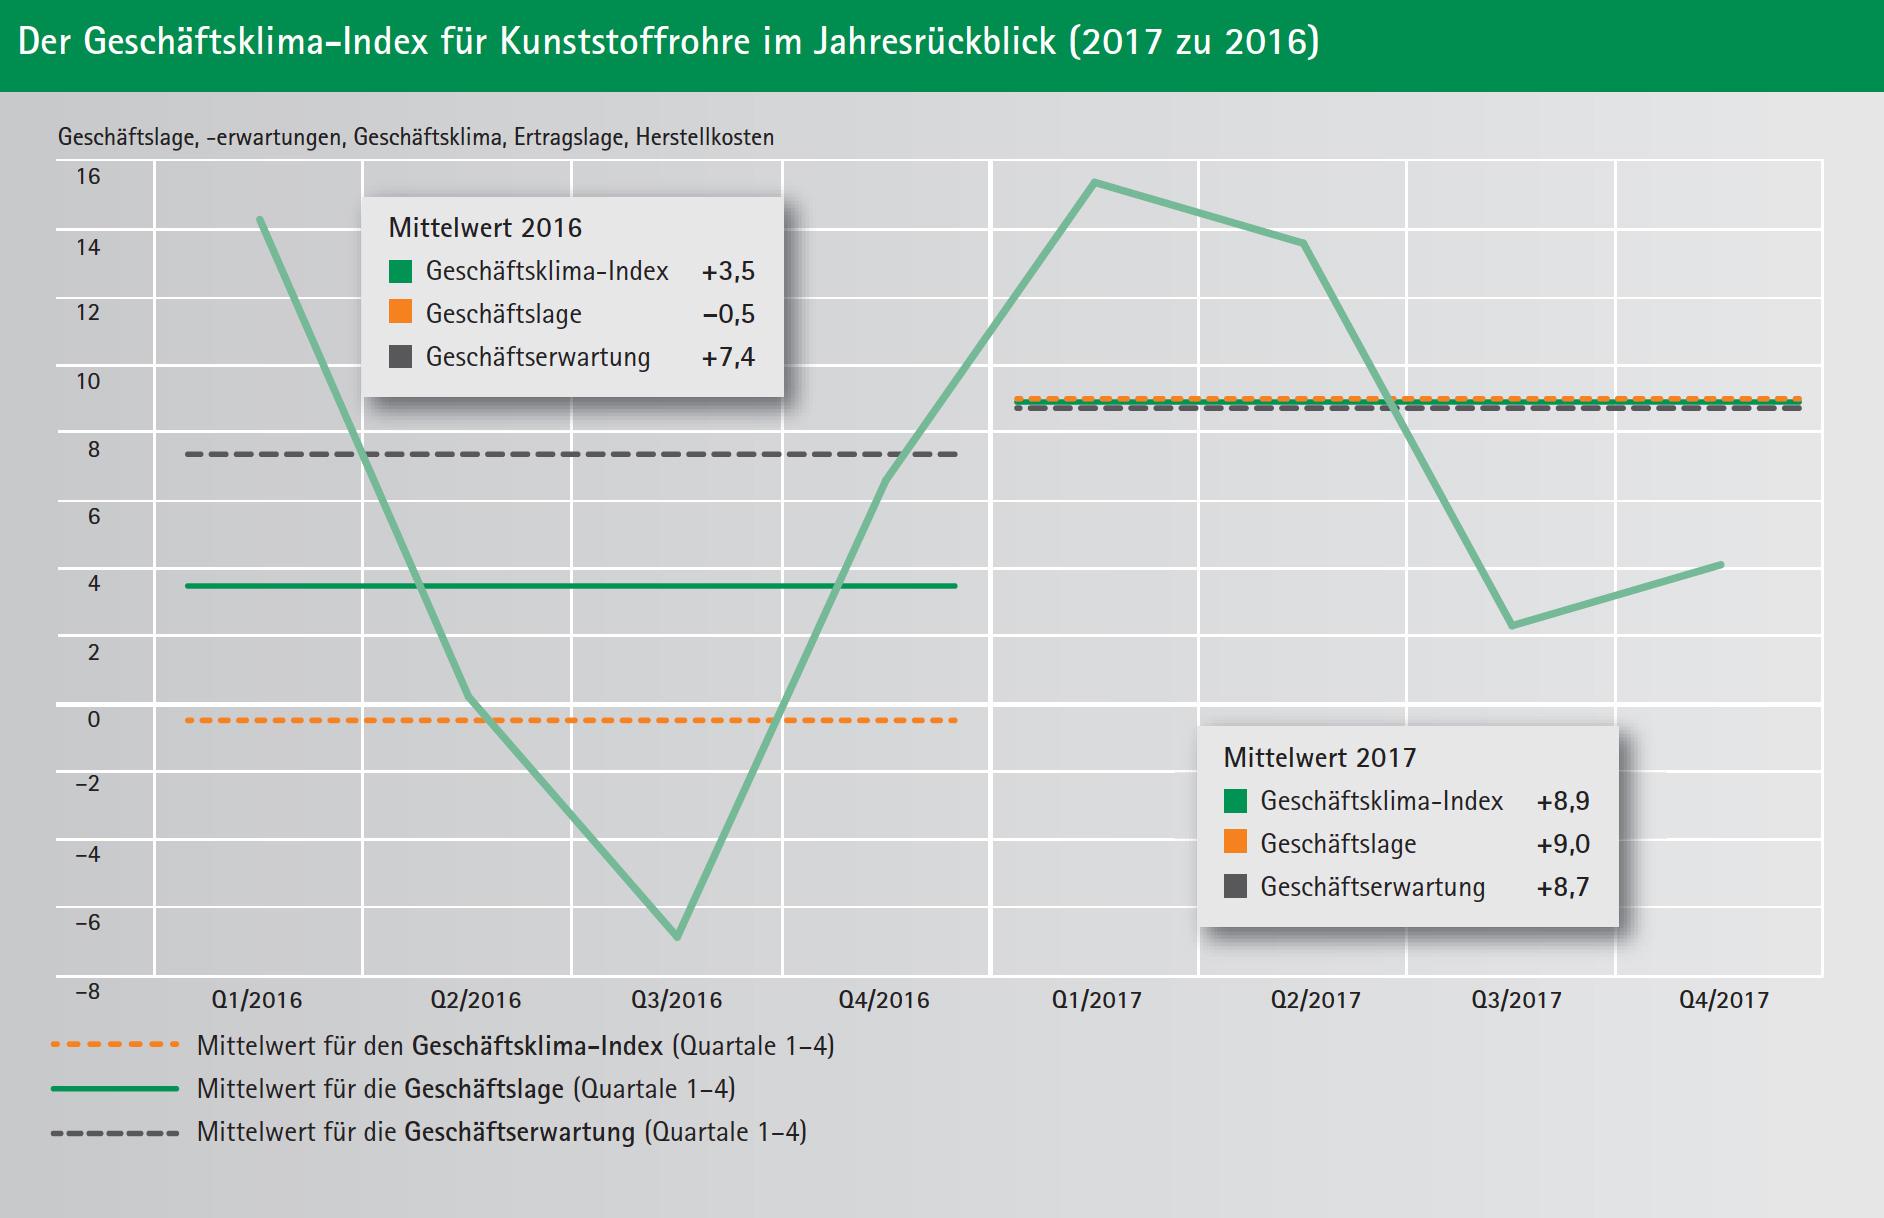 Der Geschäftsklima-Index für Kunststoffrohre im Jahresrückblick (2017 zu 2016)